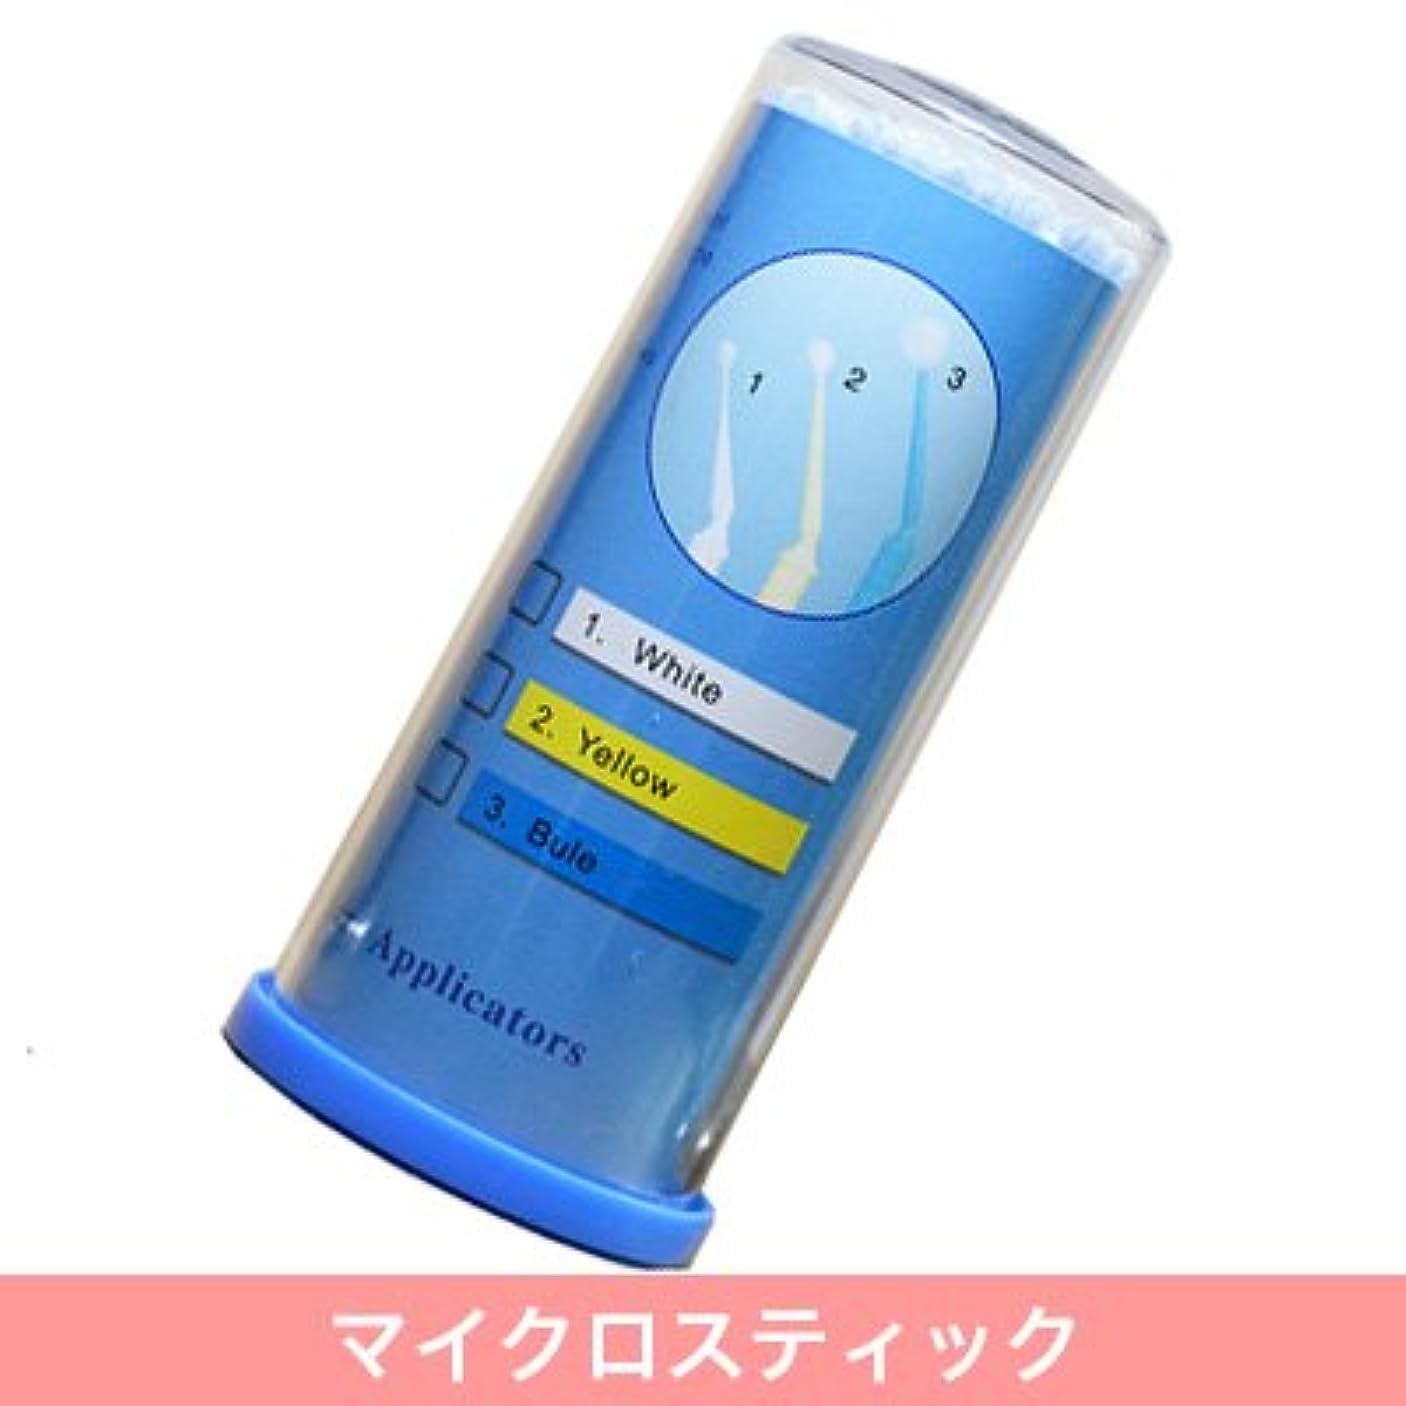 本体カカドゥむしろ【まつげエクステ】マイクロリムーバースティック 100本入【i-ms】